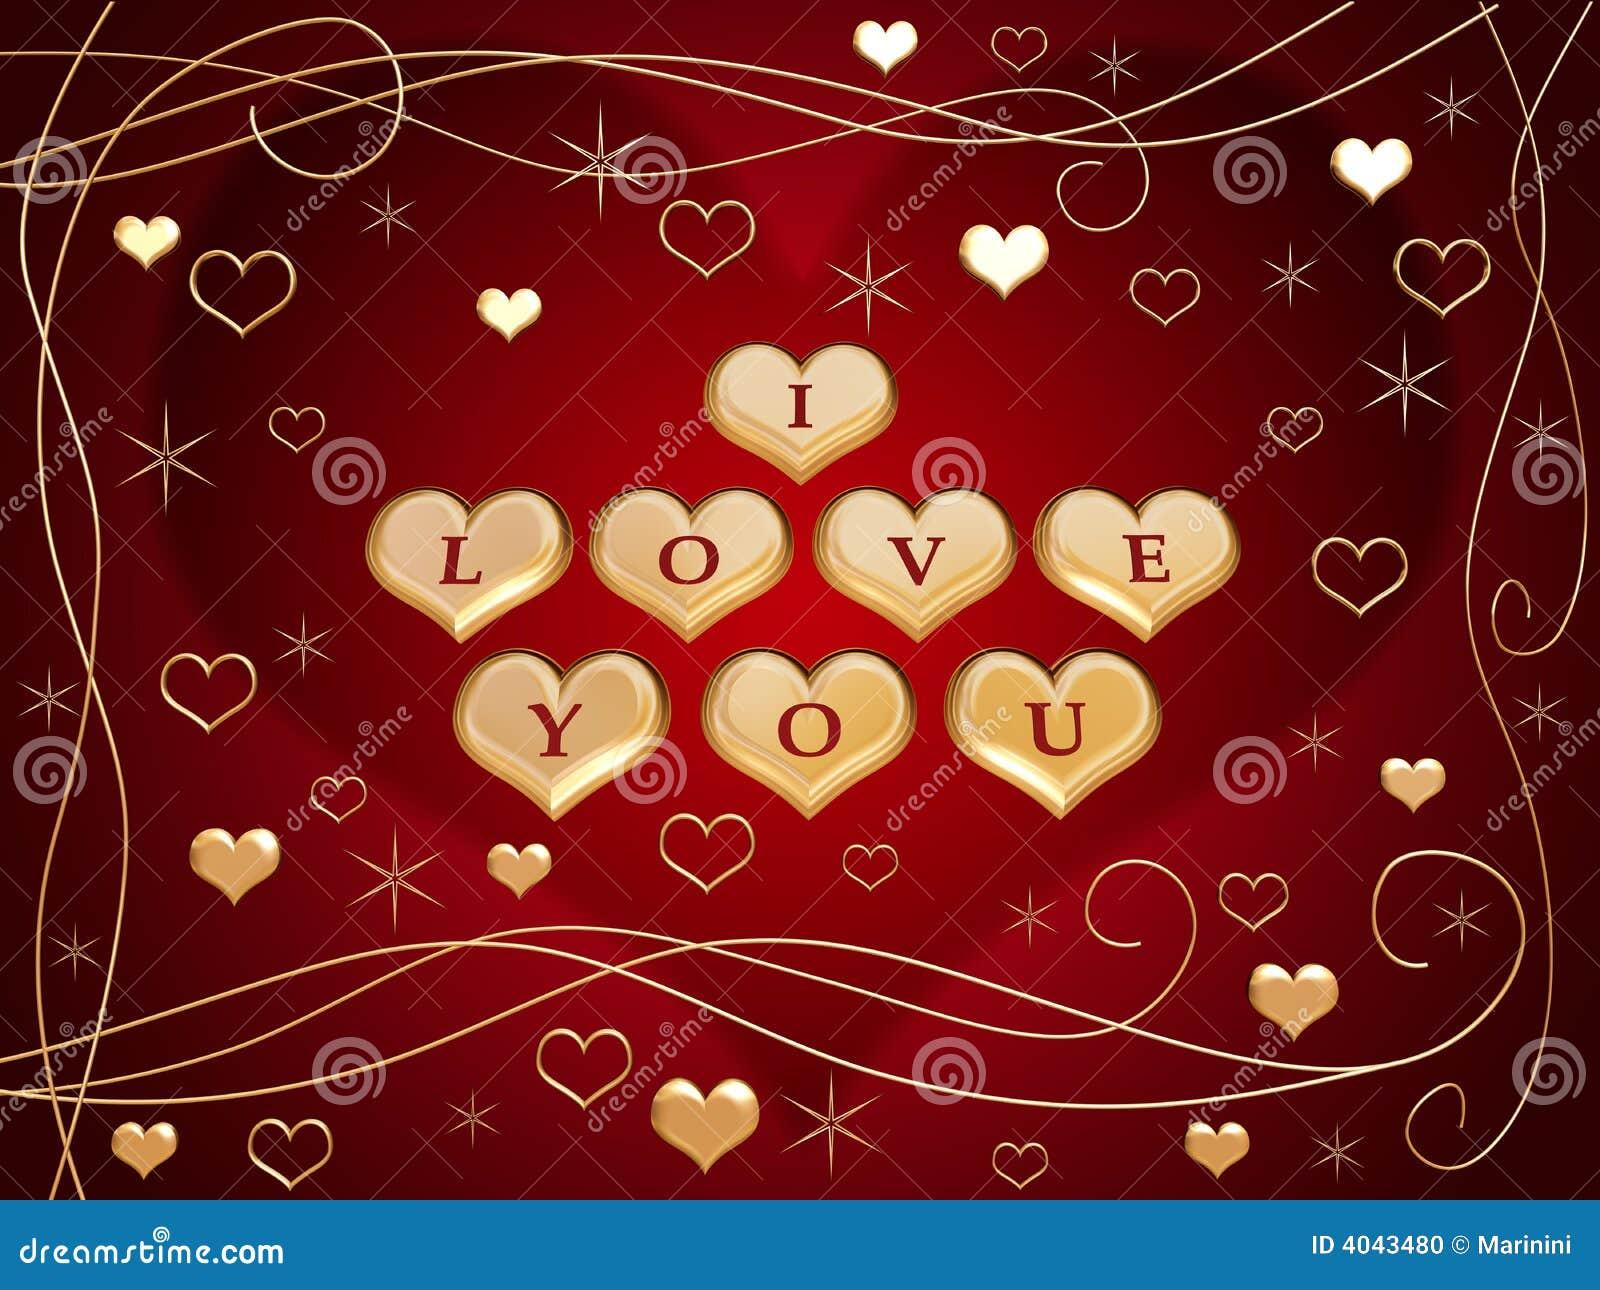 6 älskar jag dig